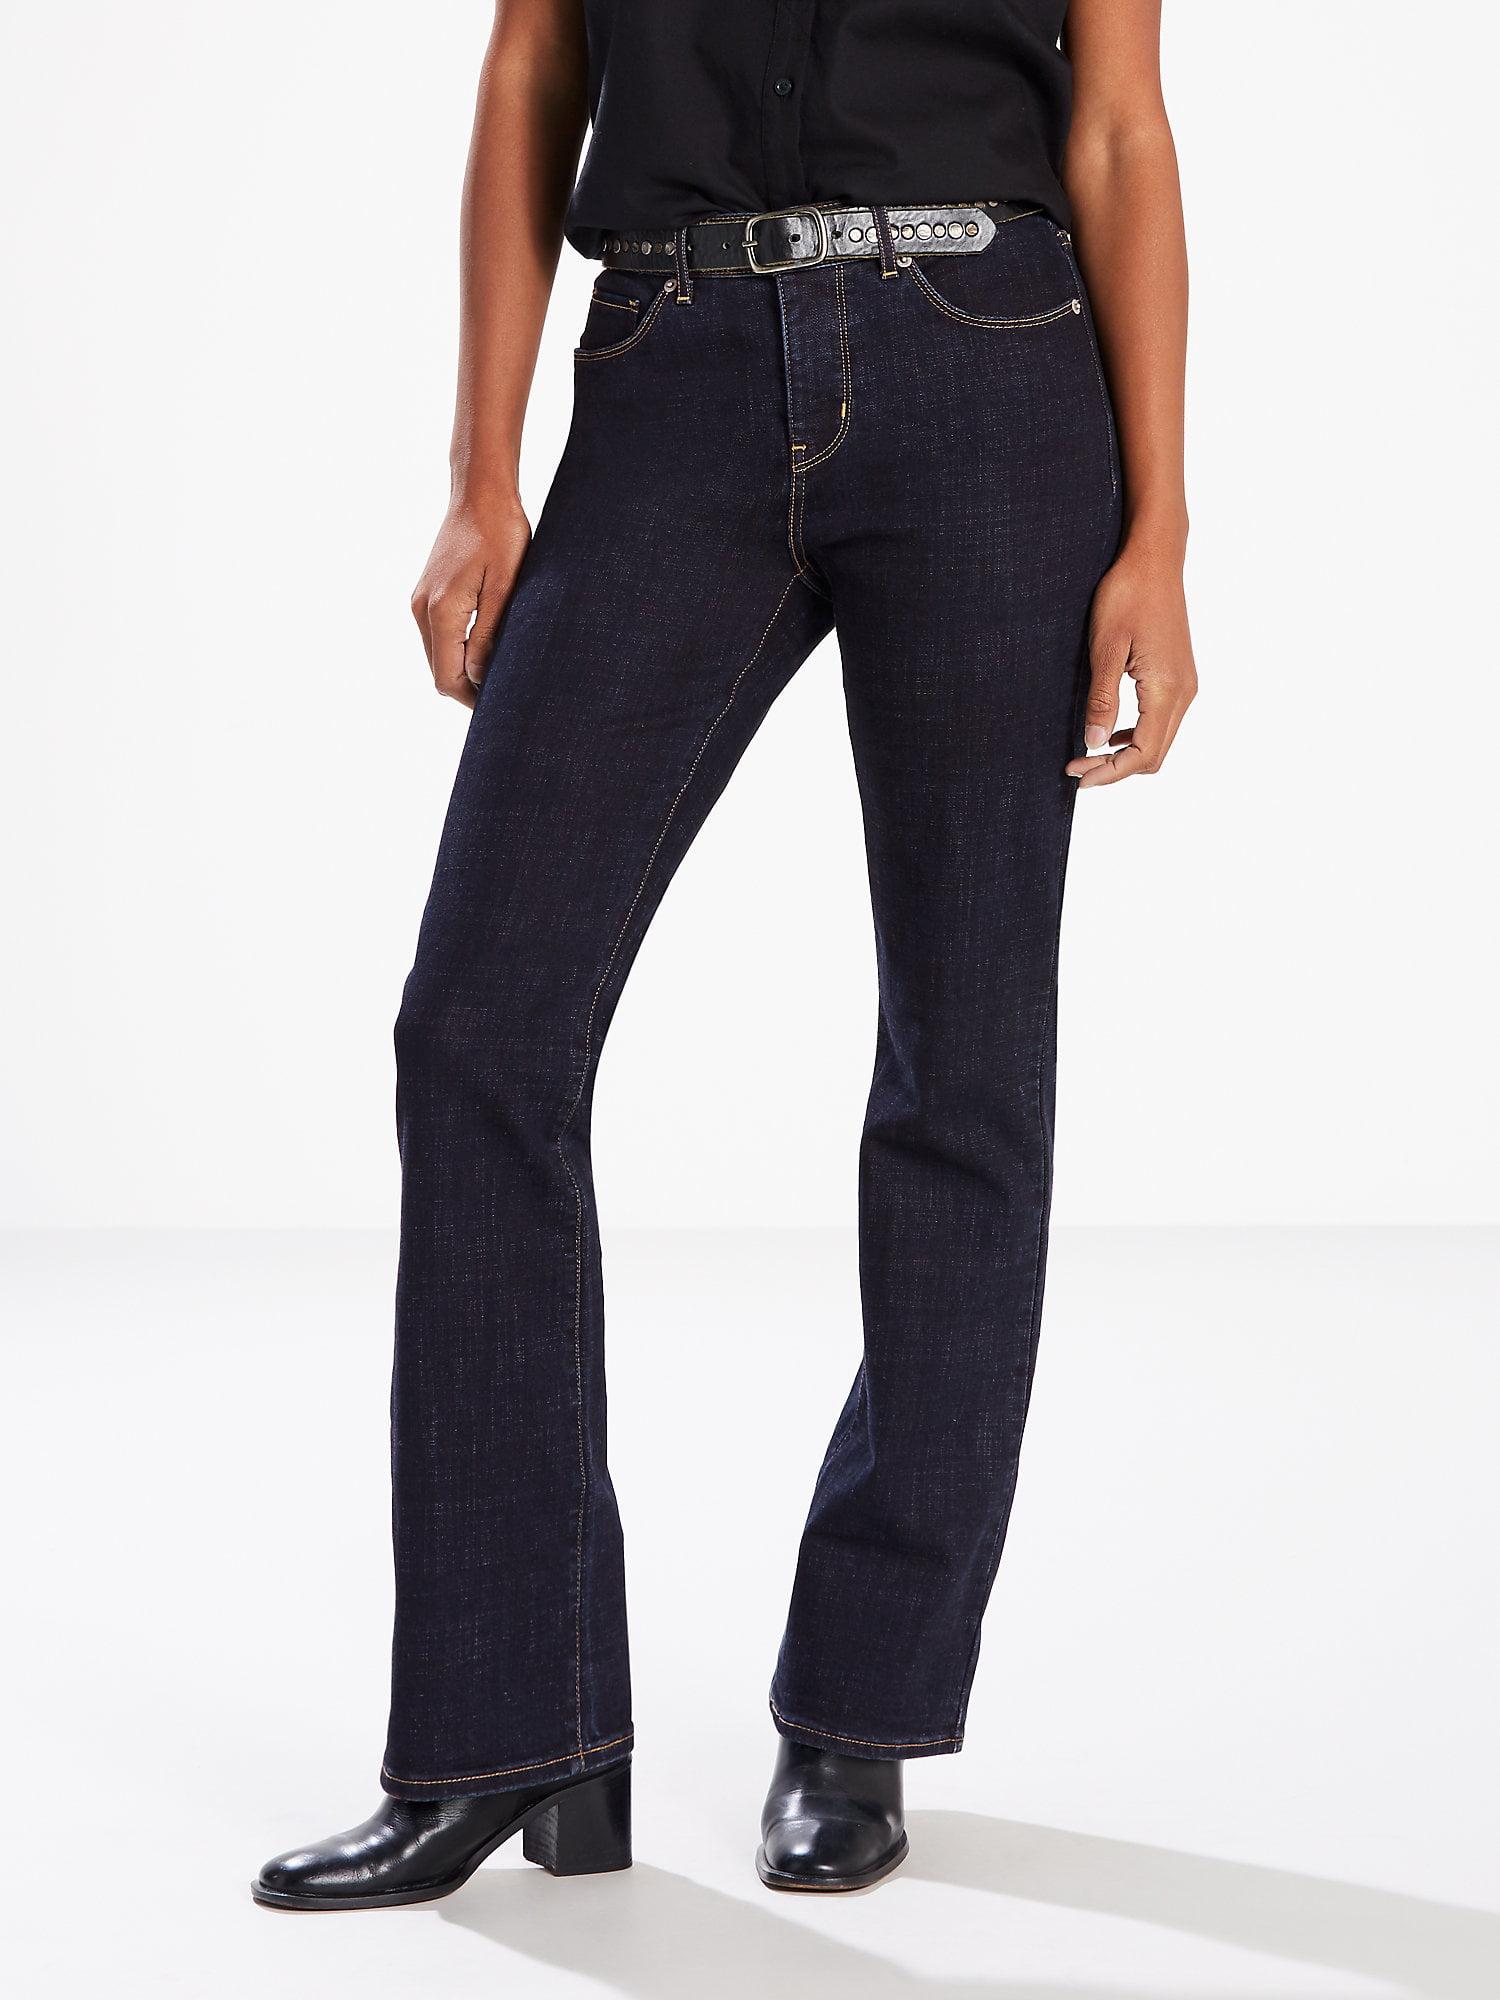 Levis - Levis Womens Classic Bootcut Jeans - Walmart